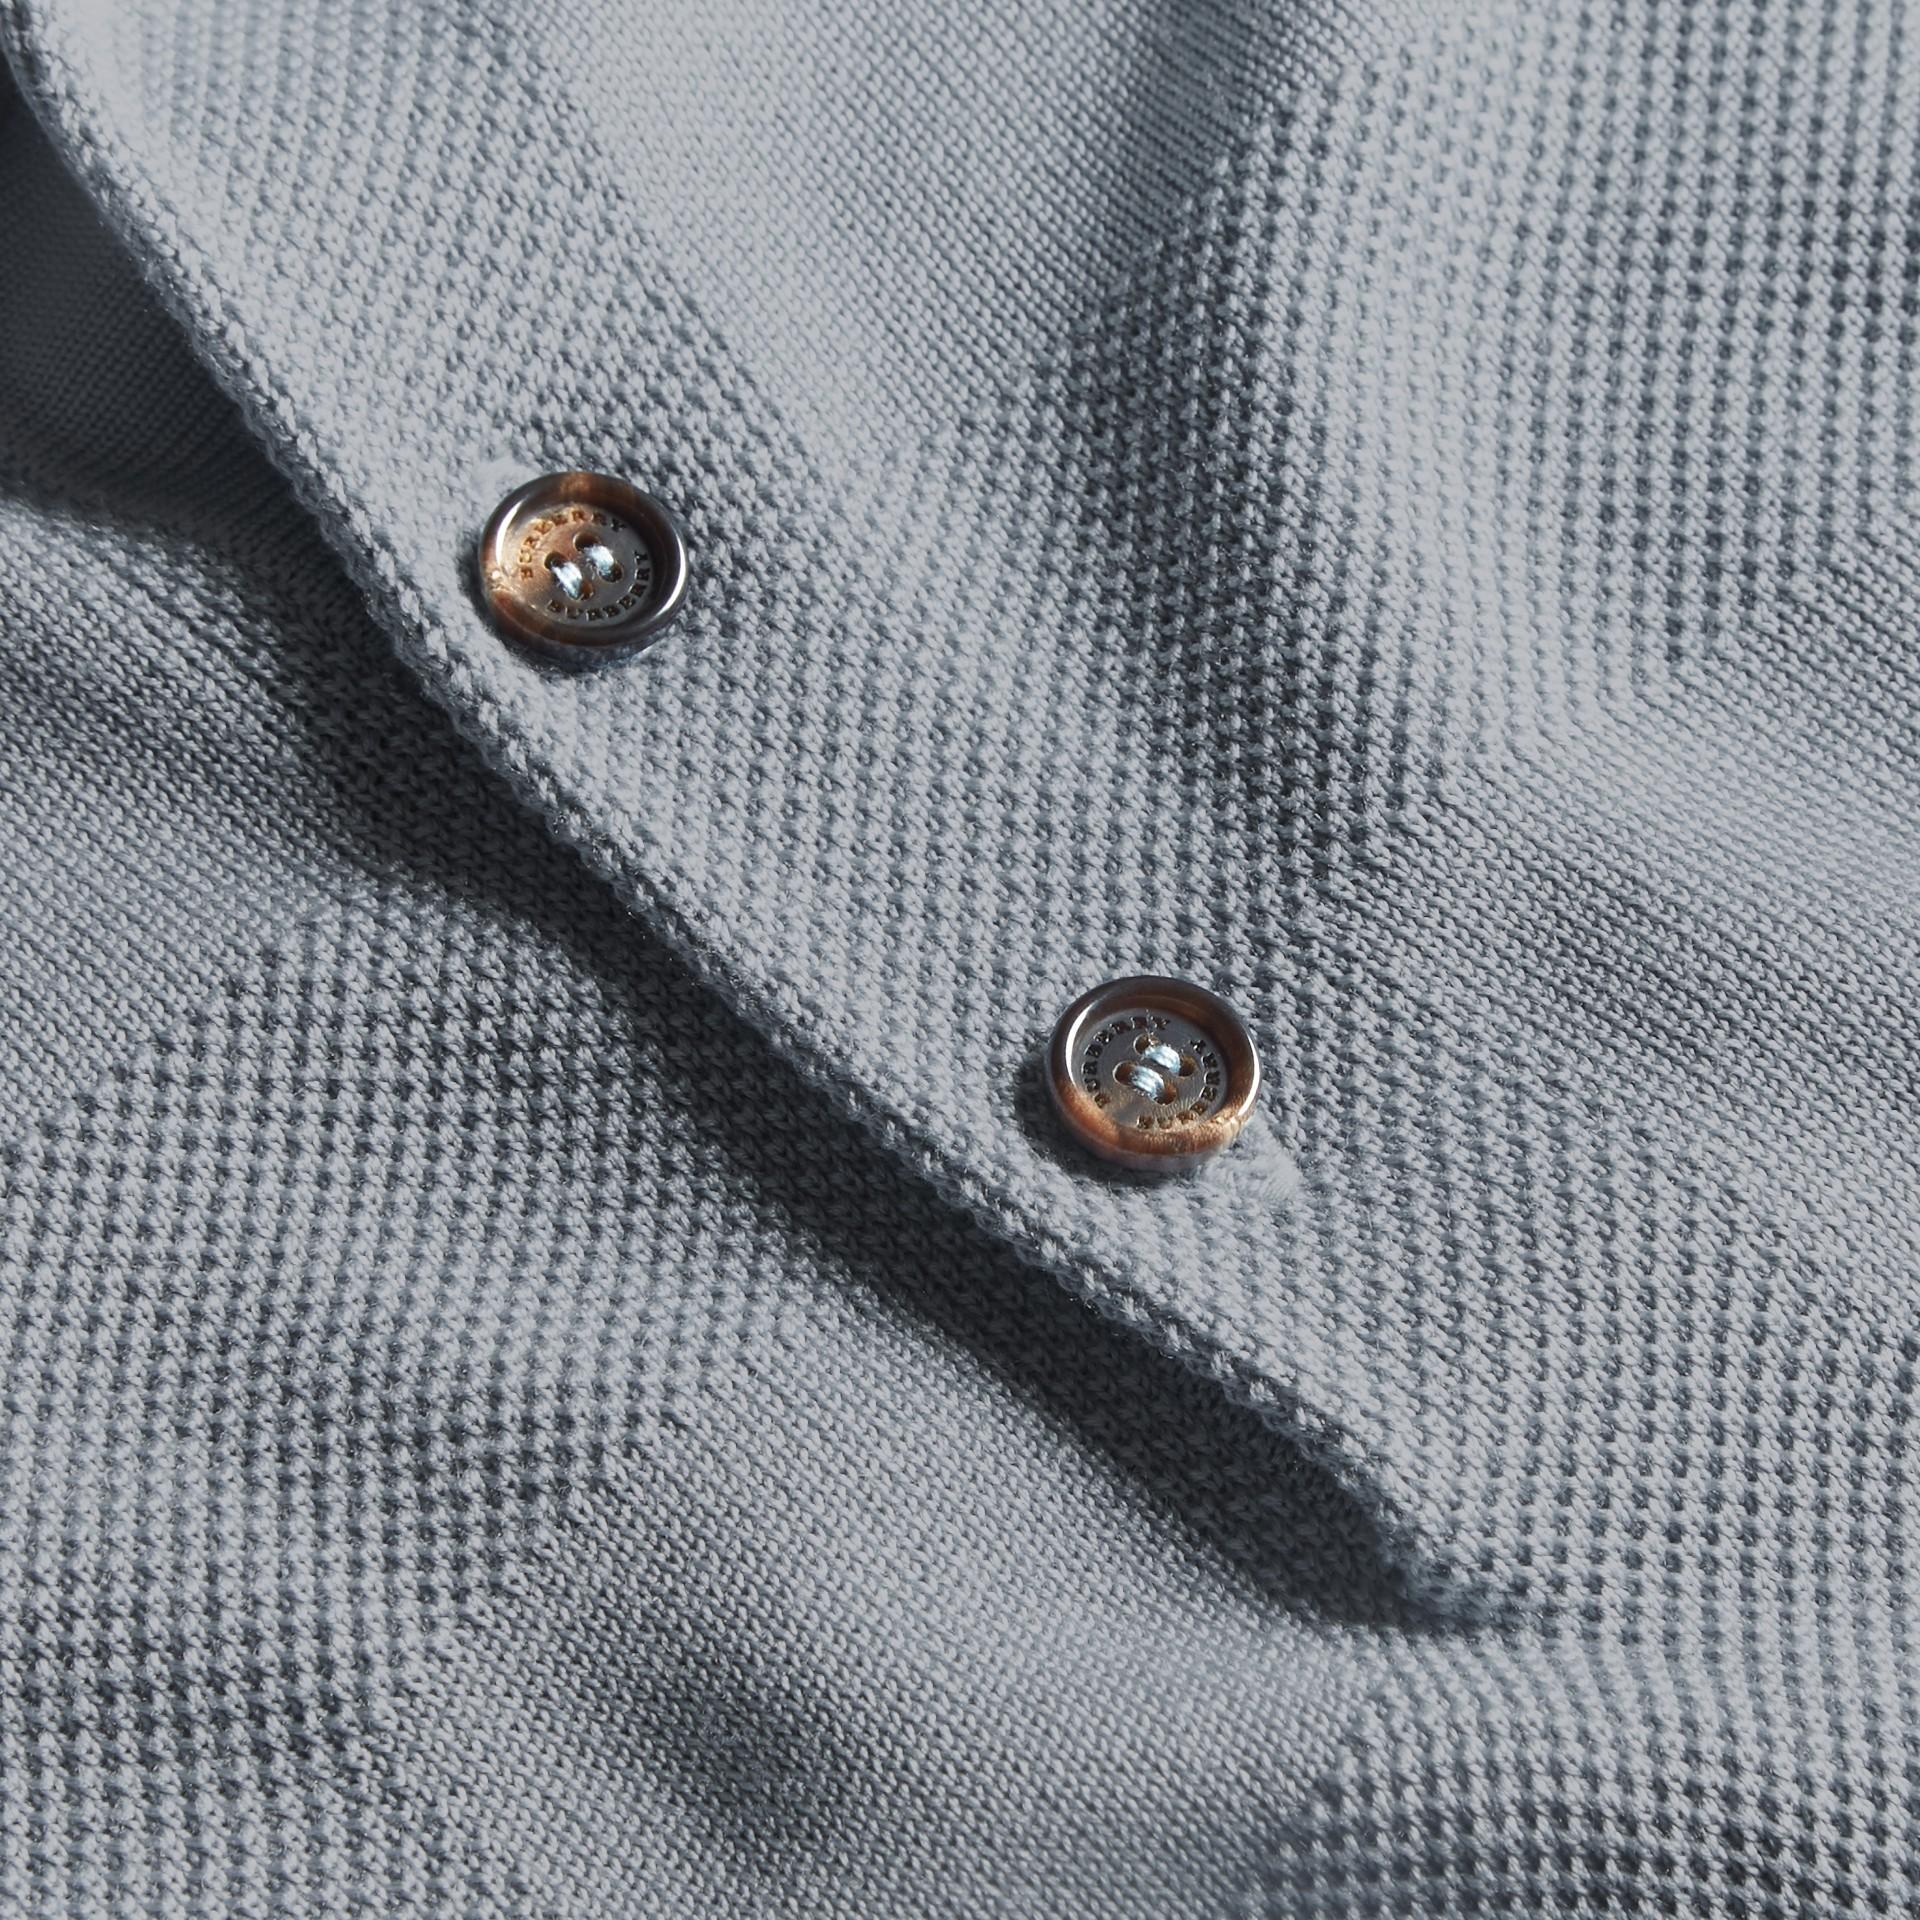 チェックジャカード ピケシルクコットン ポロシャツ (スレートブルー) - メンズ | バーバリー - ギャラリーイメージ 2